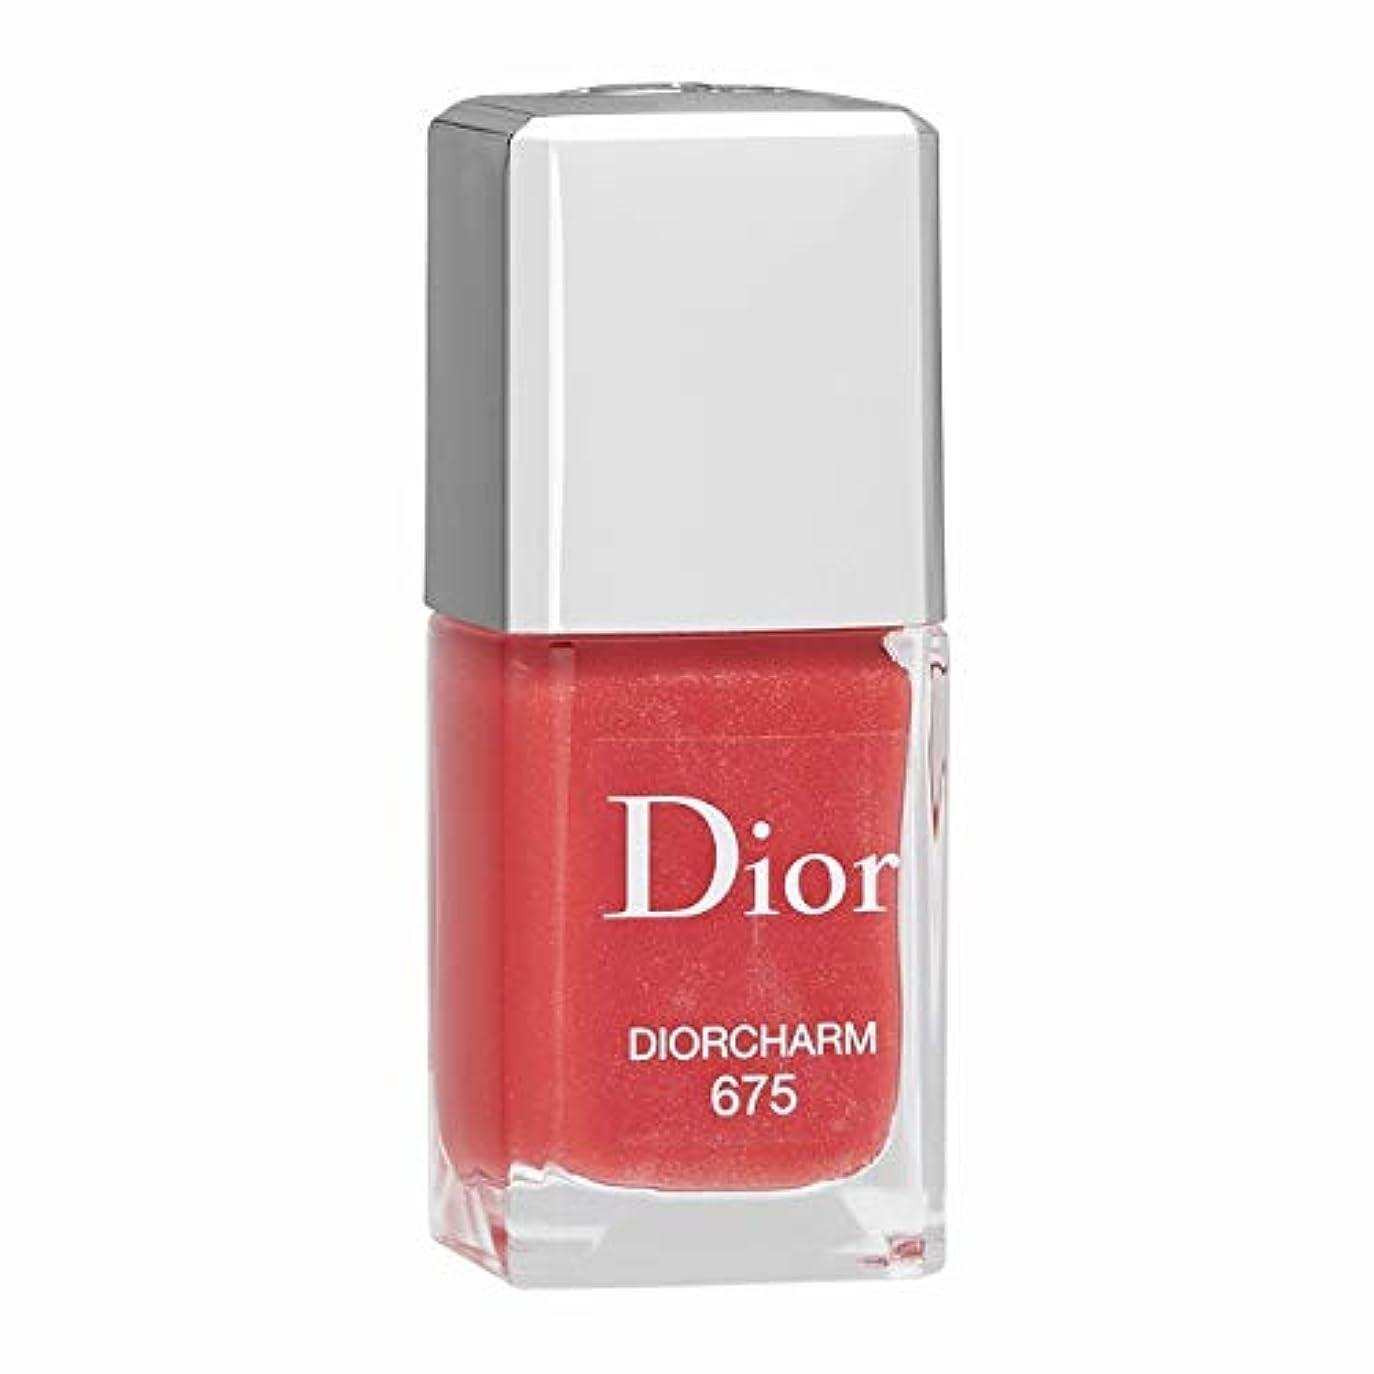 一闇慈悲深いディオール(Dior) ディオール ヴェルニ #675(ディオールチャーム) [並行輸入品]